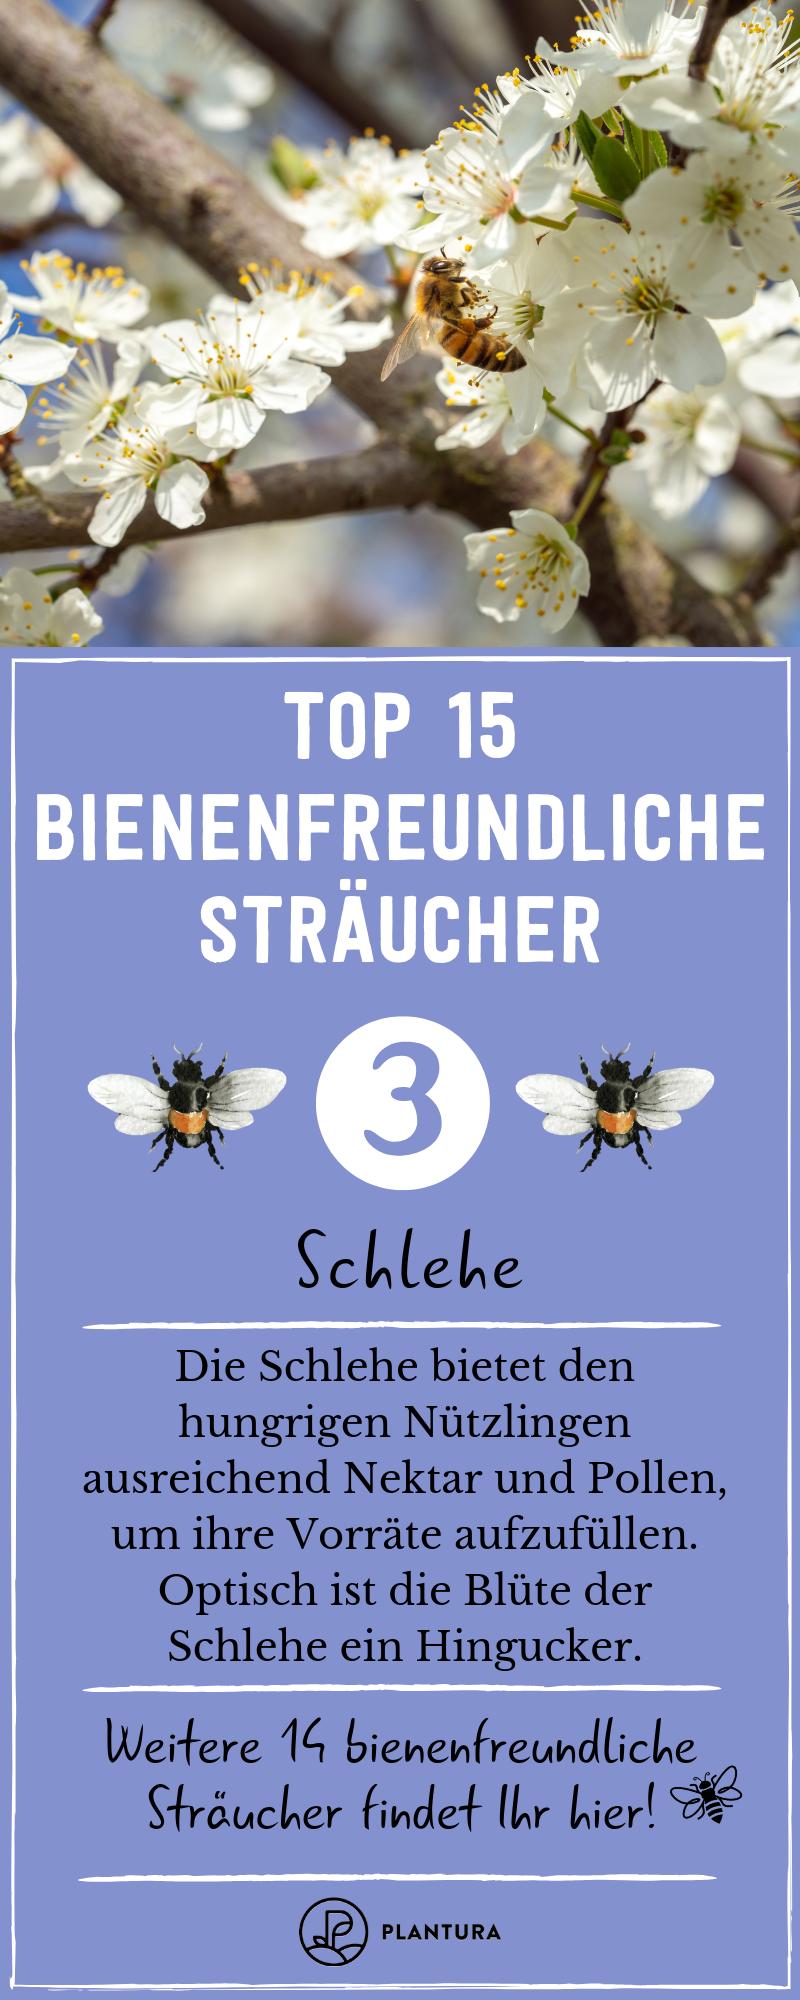 Bienenfreundliche Straucher Top 15 Bienenstraucher Bienenfreundliche Straucher Straucher Garten Bienen